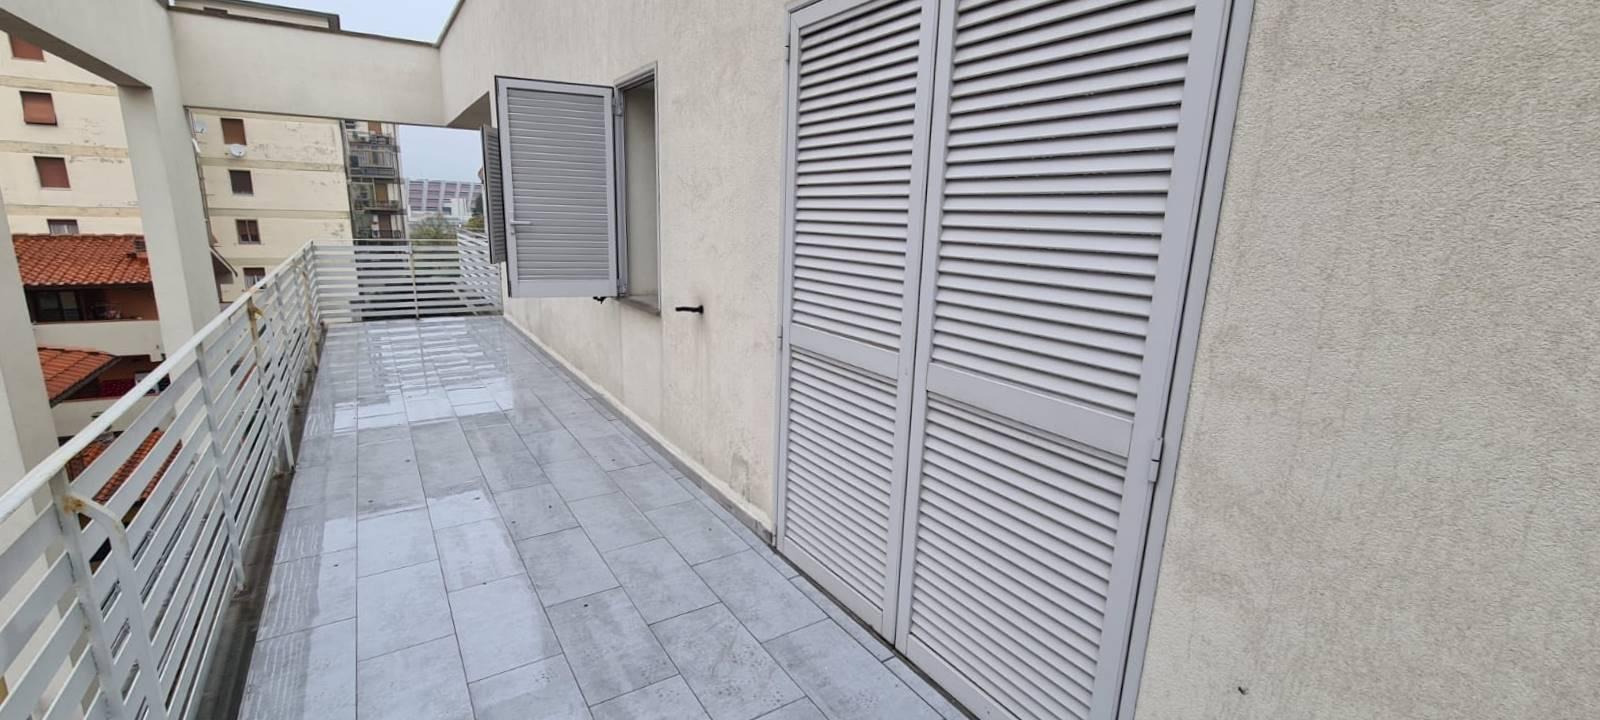 Appartamento a SCANDICCI